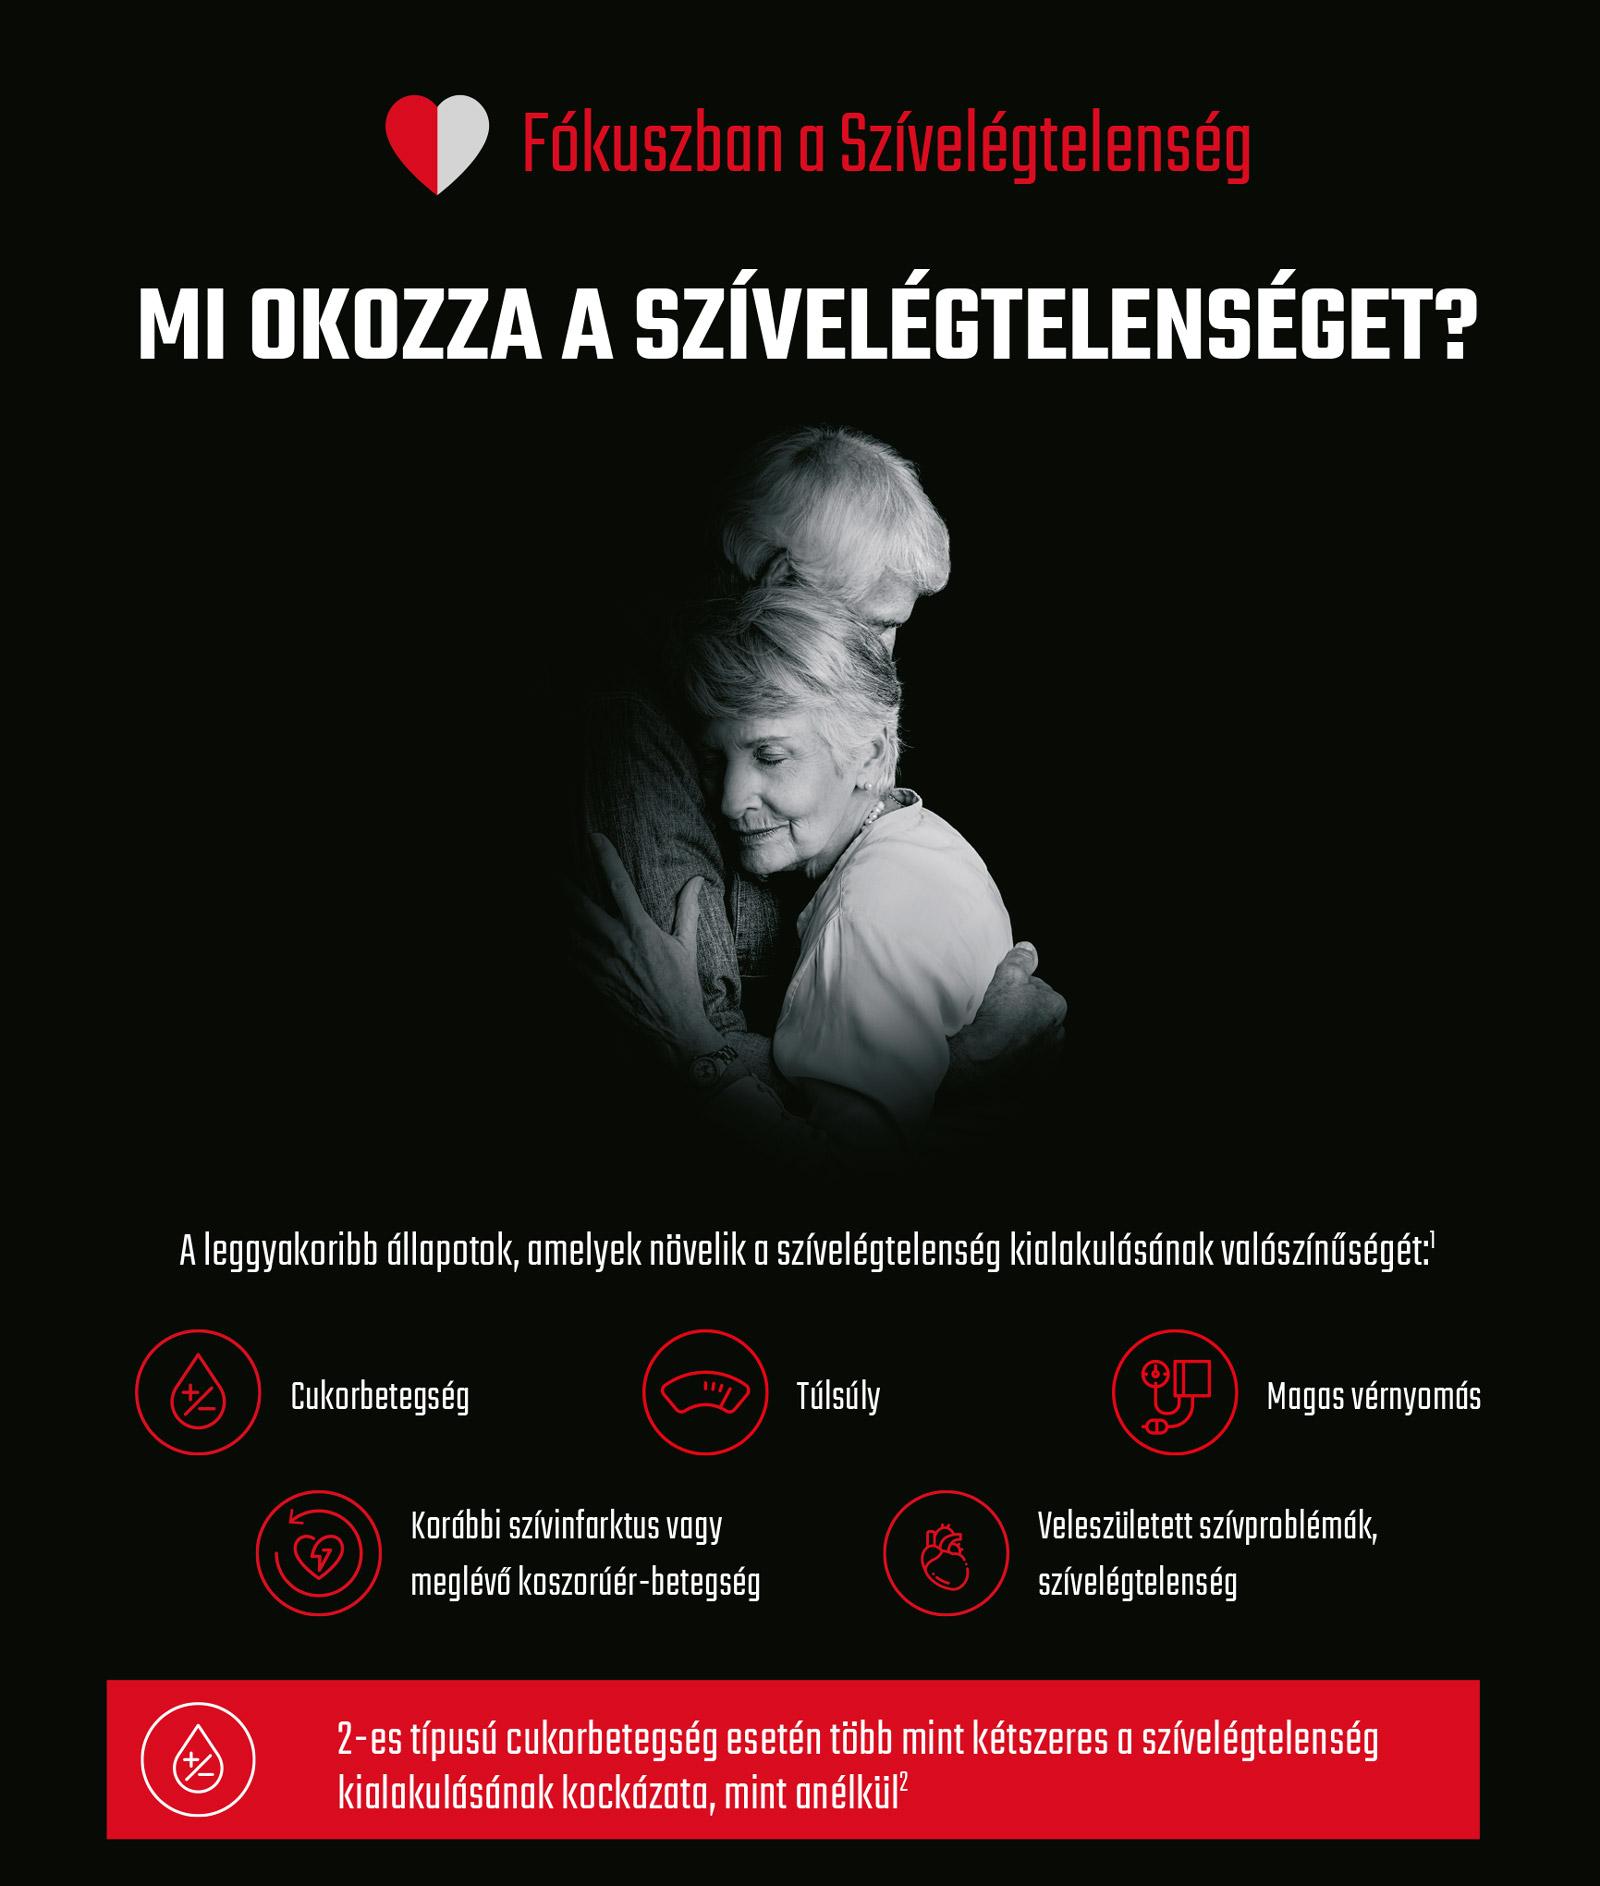 mildronát magas vérnyomás és szívelégtelenség esetén)